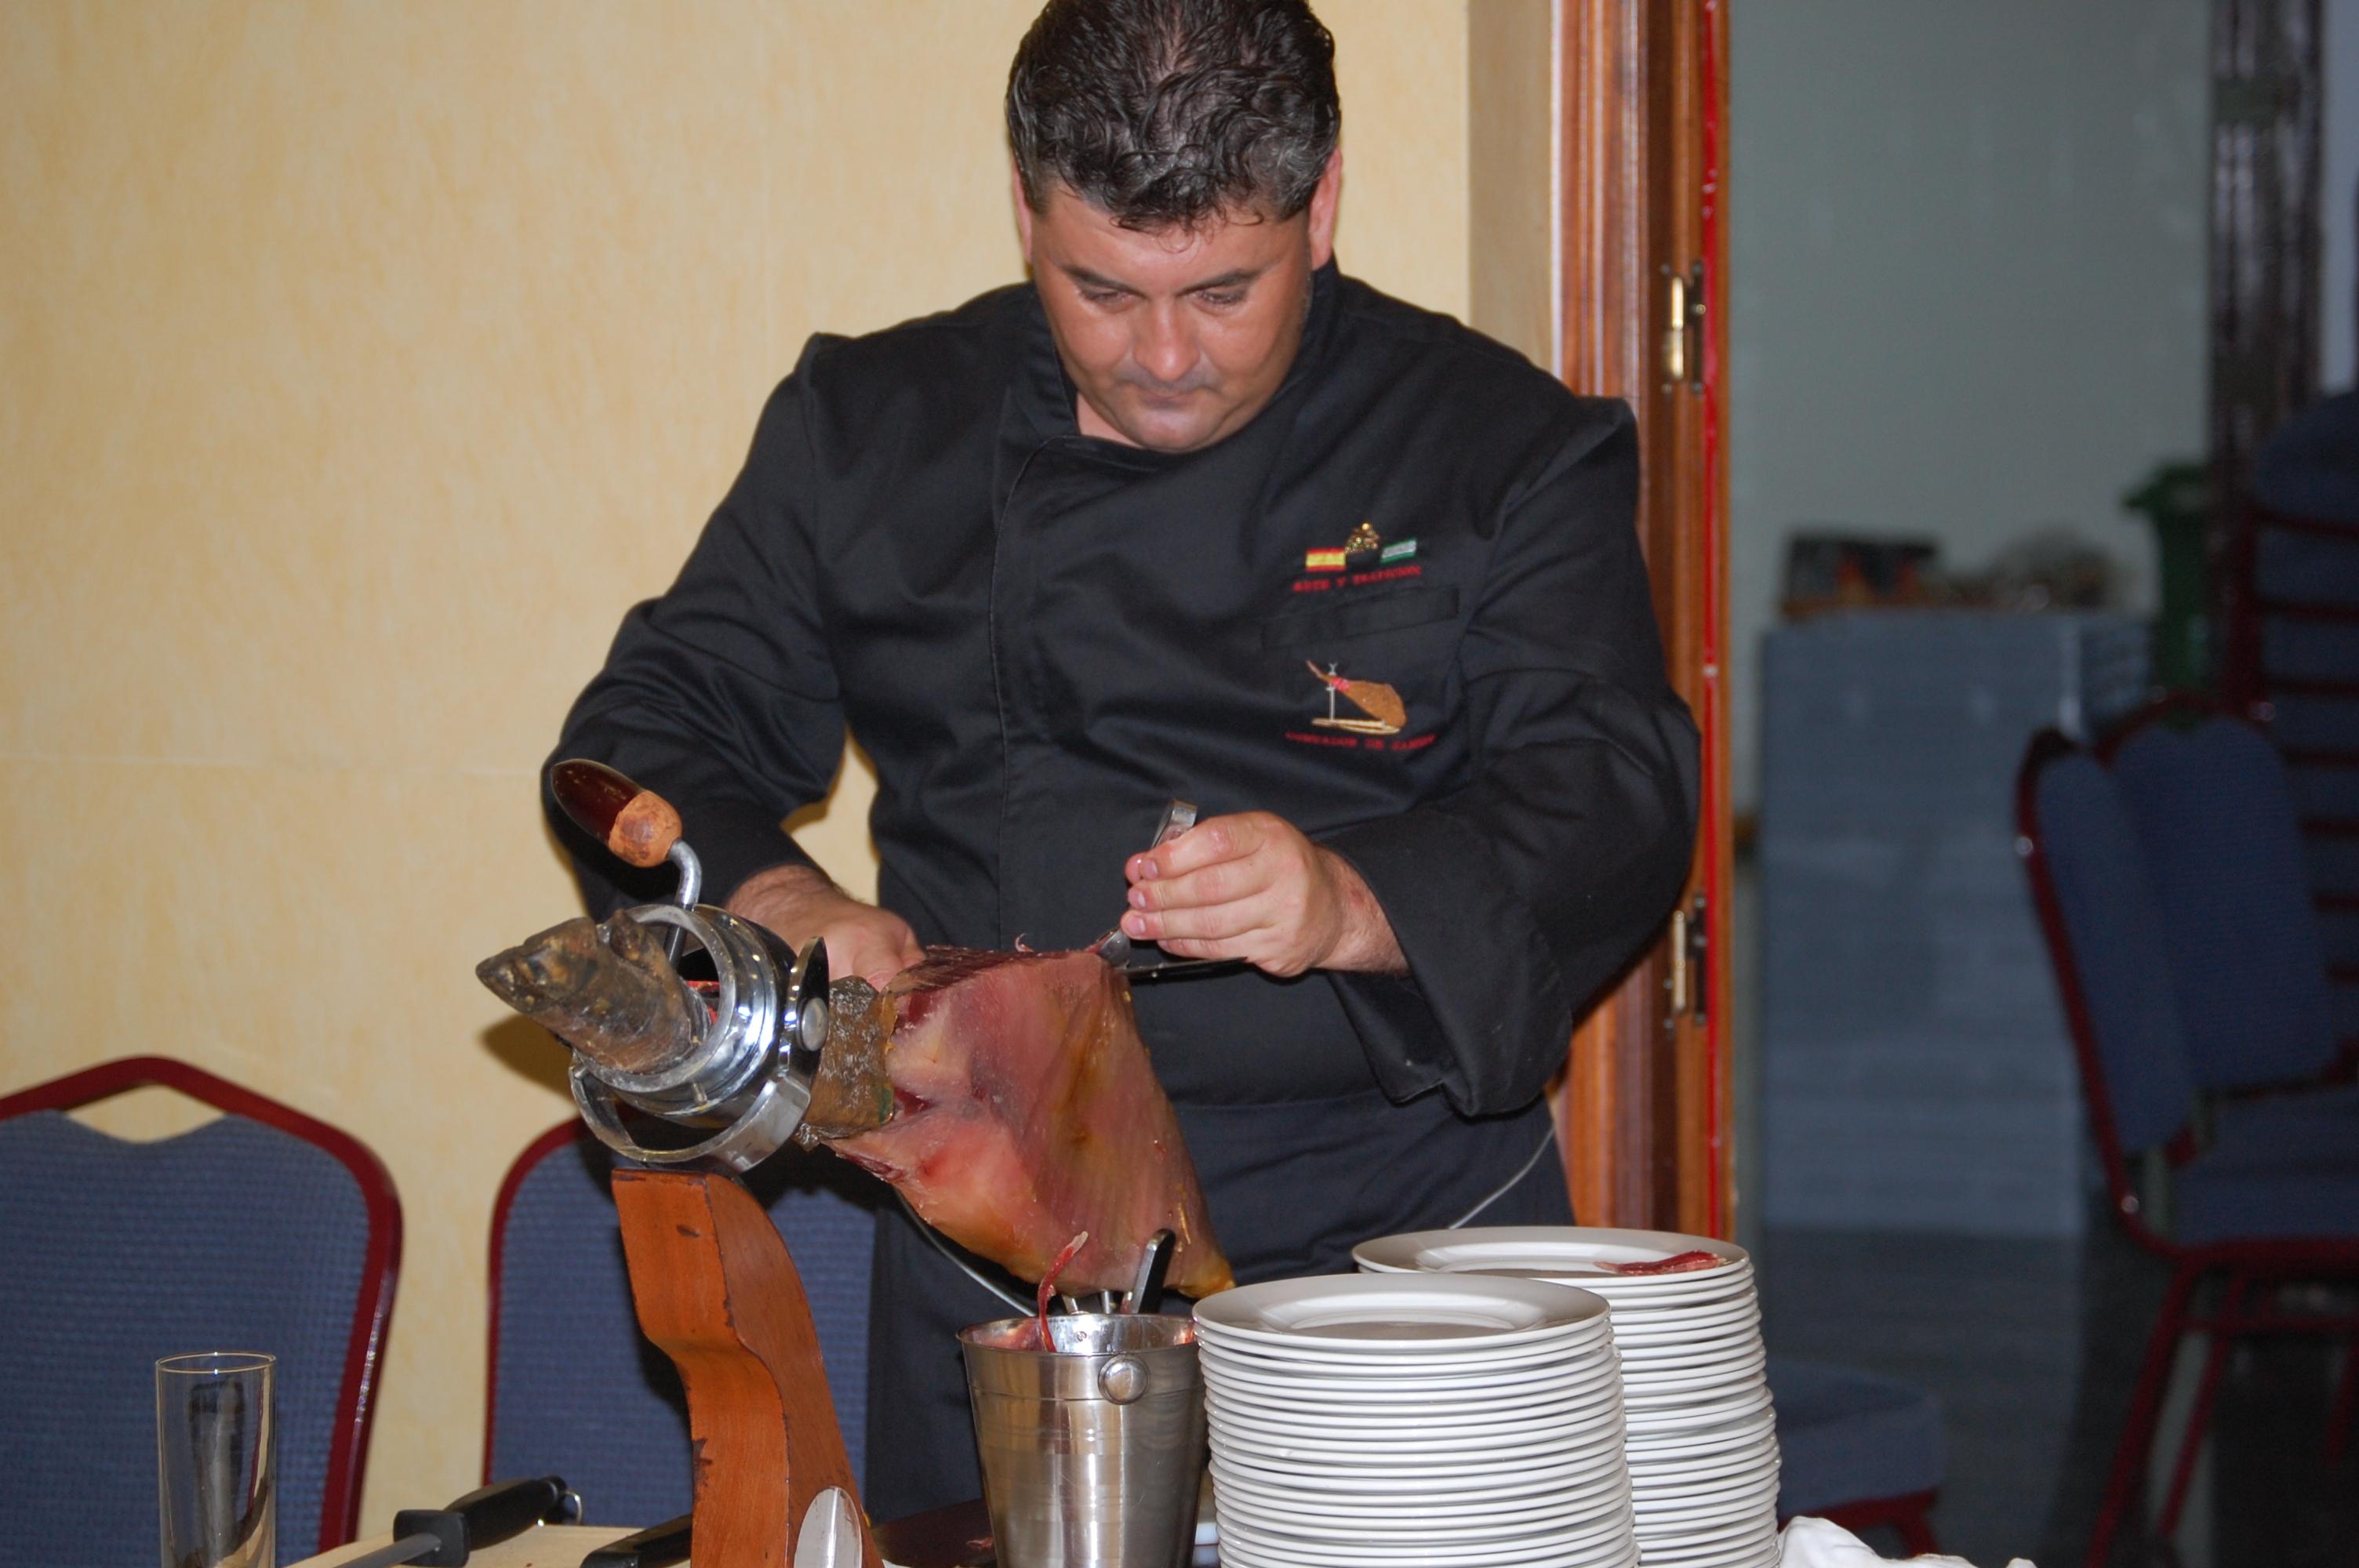 Degustar los sabores y olores de un jamón iblerico en el momento de su corte.